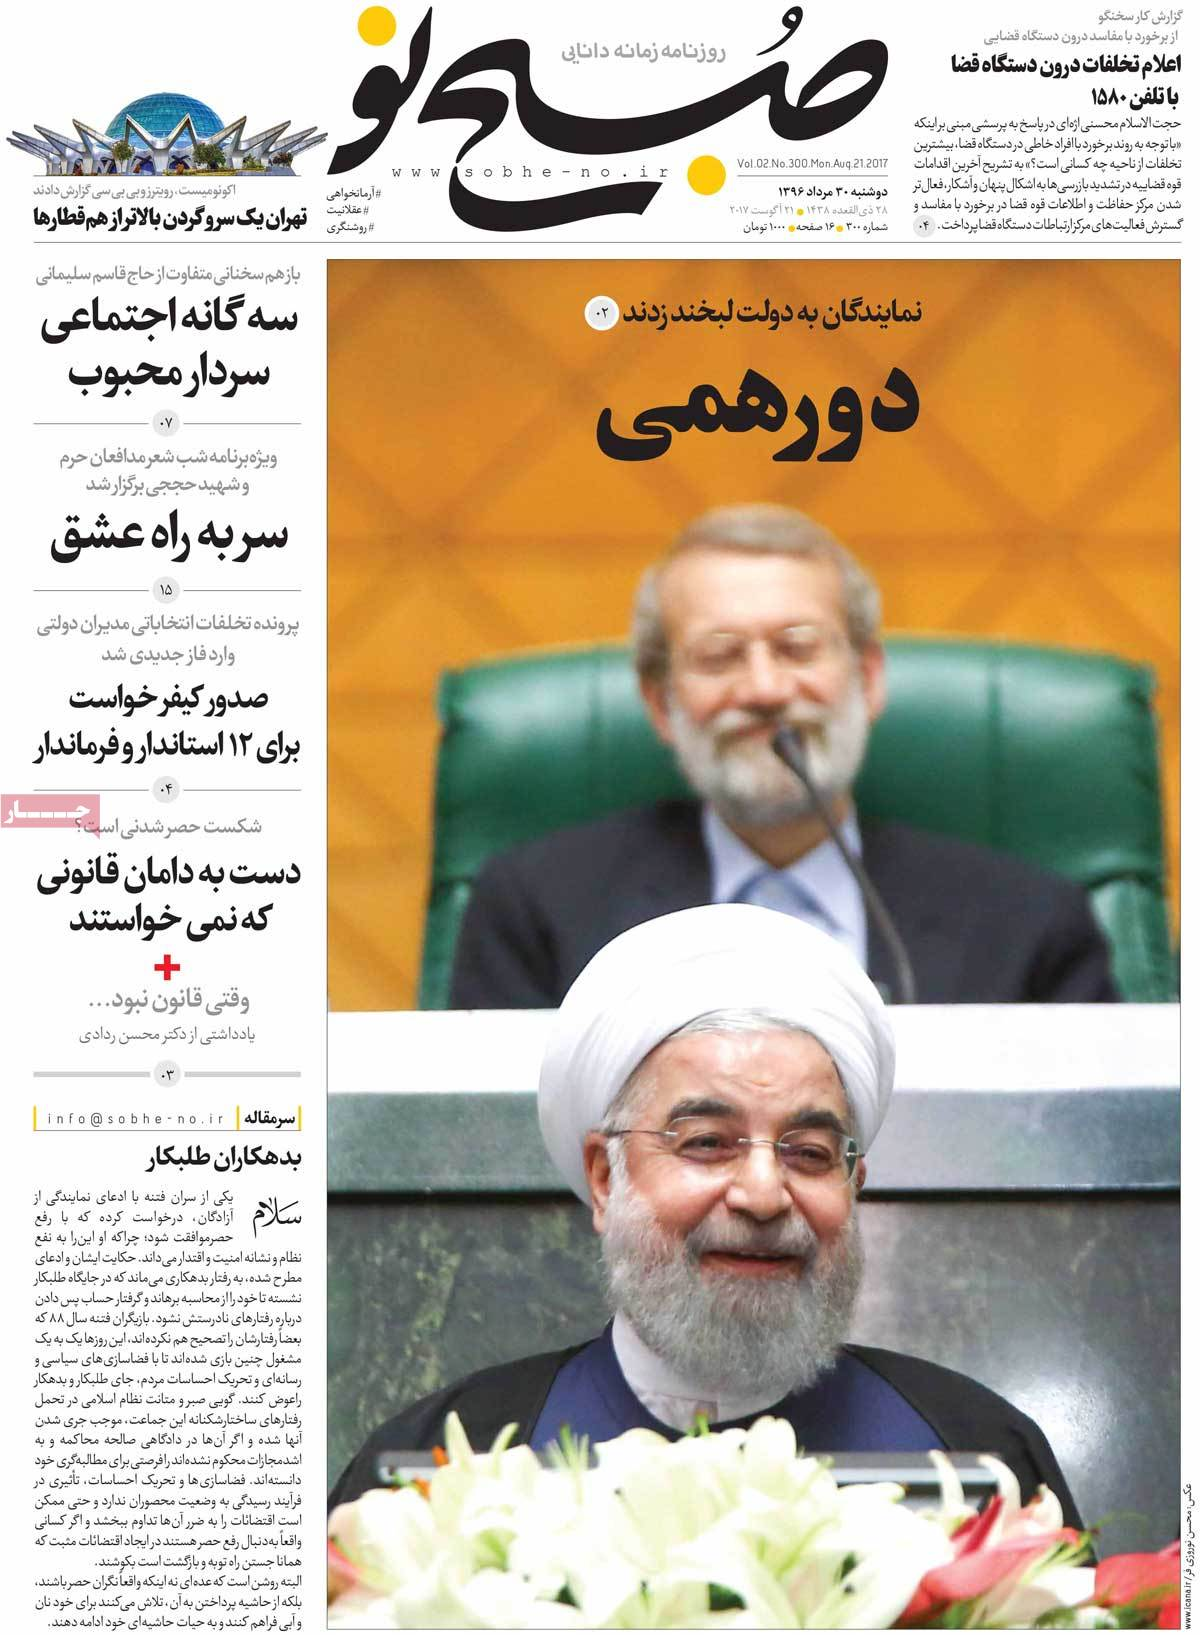 أبرز عناوين صحف ايران، الاثنين  21 اغسطس 2017 - صبح نو